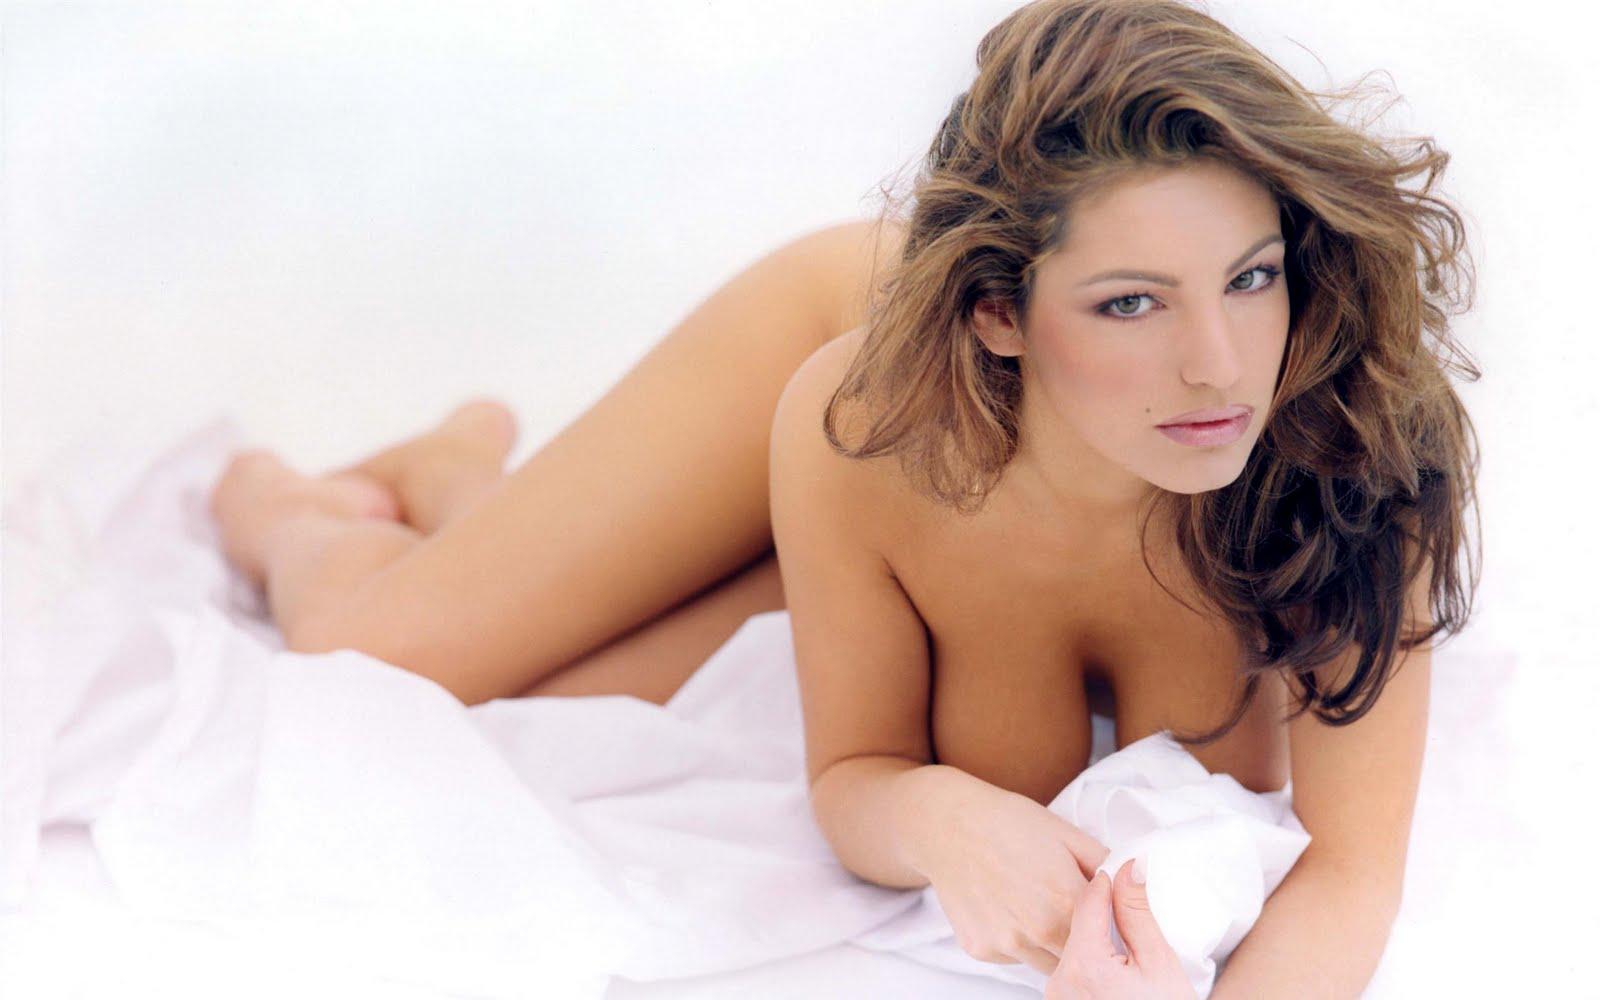 http://4.bp.blogspot.com/_lUd-vu9fgfw/TBB77pNLlJI/AAAAAAAAAJ4/2ik8172DGgg/s1600/beautiful+girls+1920x1200+%28207%29.jpg